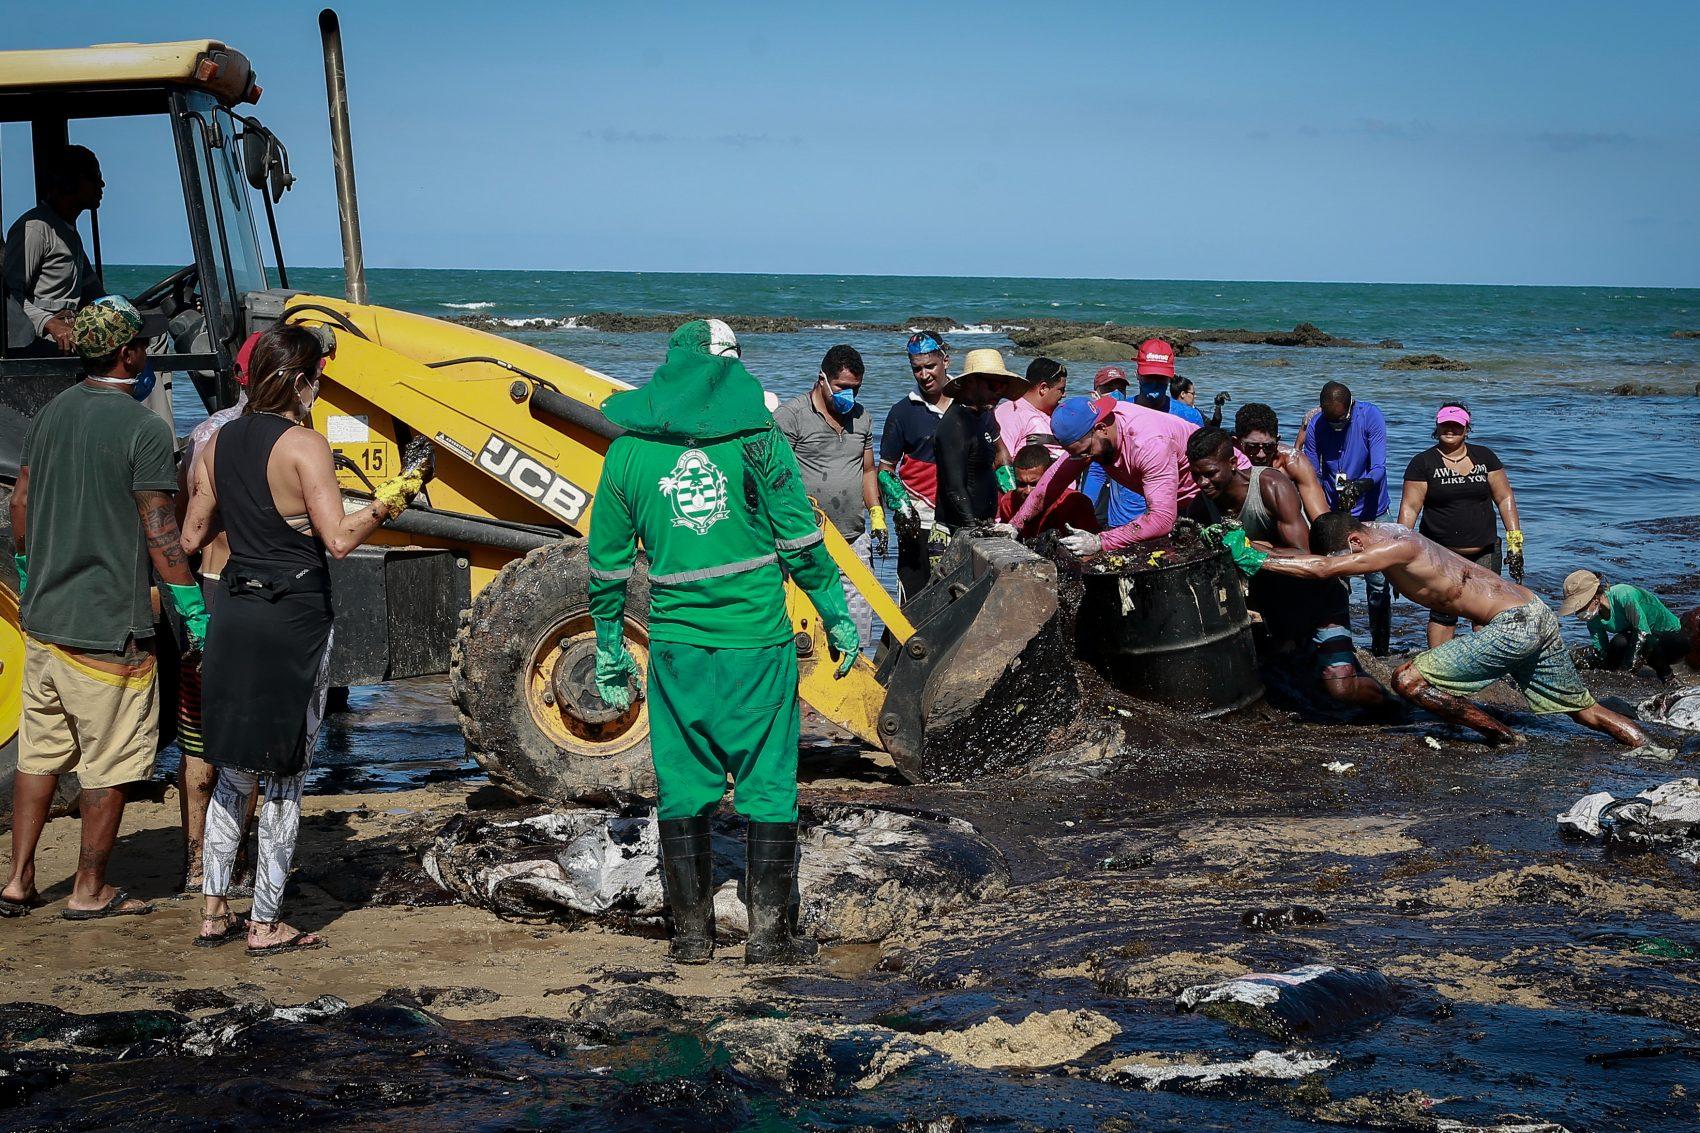 Voluntários retiram óleo do mar na praia de Itapuama, em Cabo de Santo Agostinho, Pernambuco: ação rápida evitou desastre maior (Foto: Leo Malafaia/AFP)